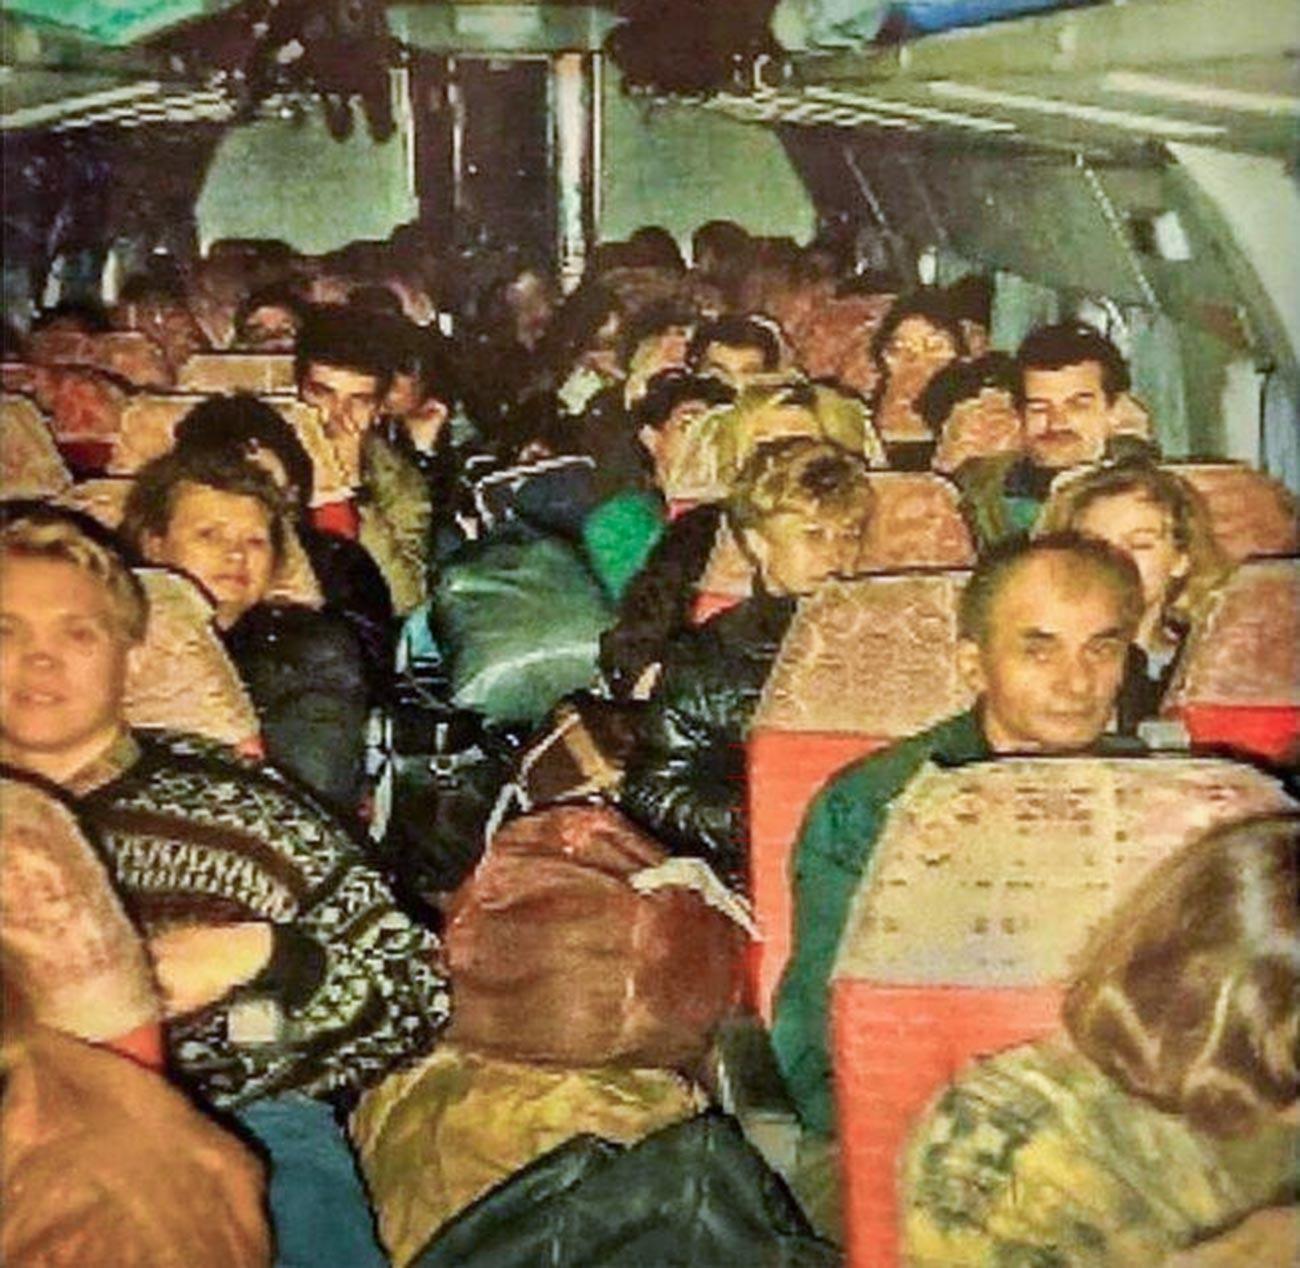 Russos voltando da Turquia em 1992. Corredores de avião iam abarrotados de malas, coisa impensável na atualidade.